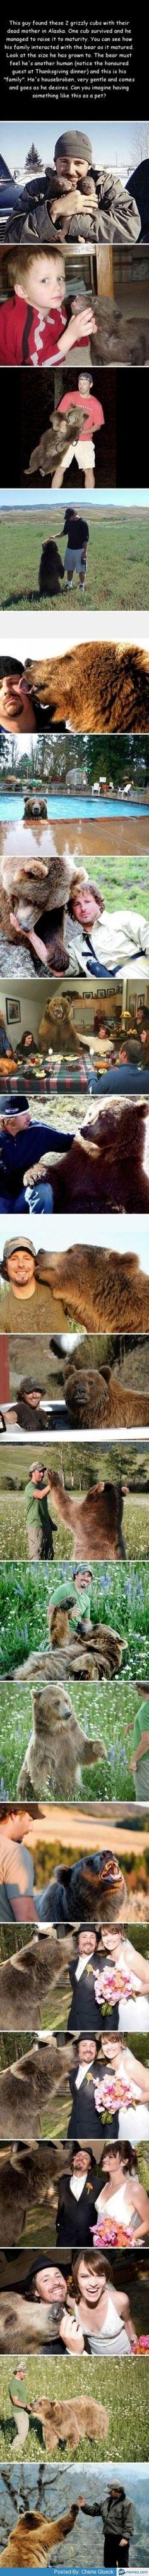 Really cute bear story